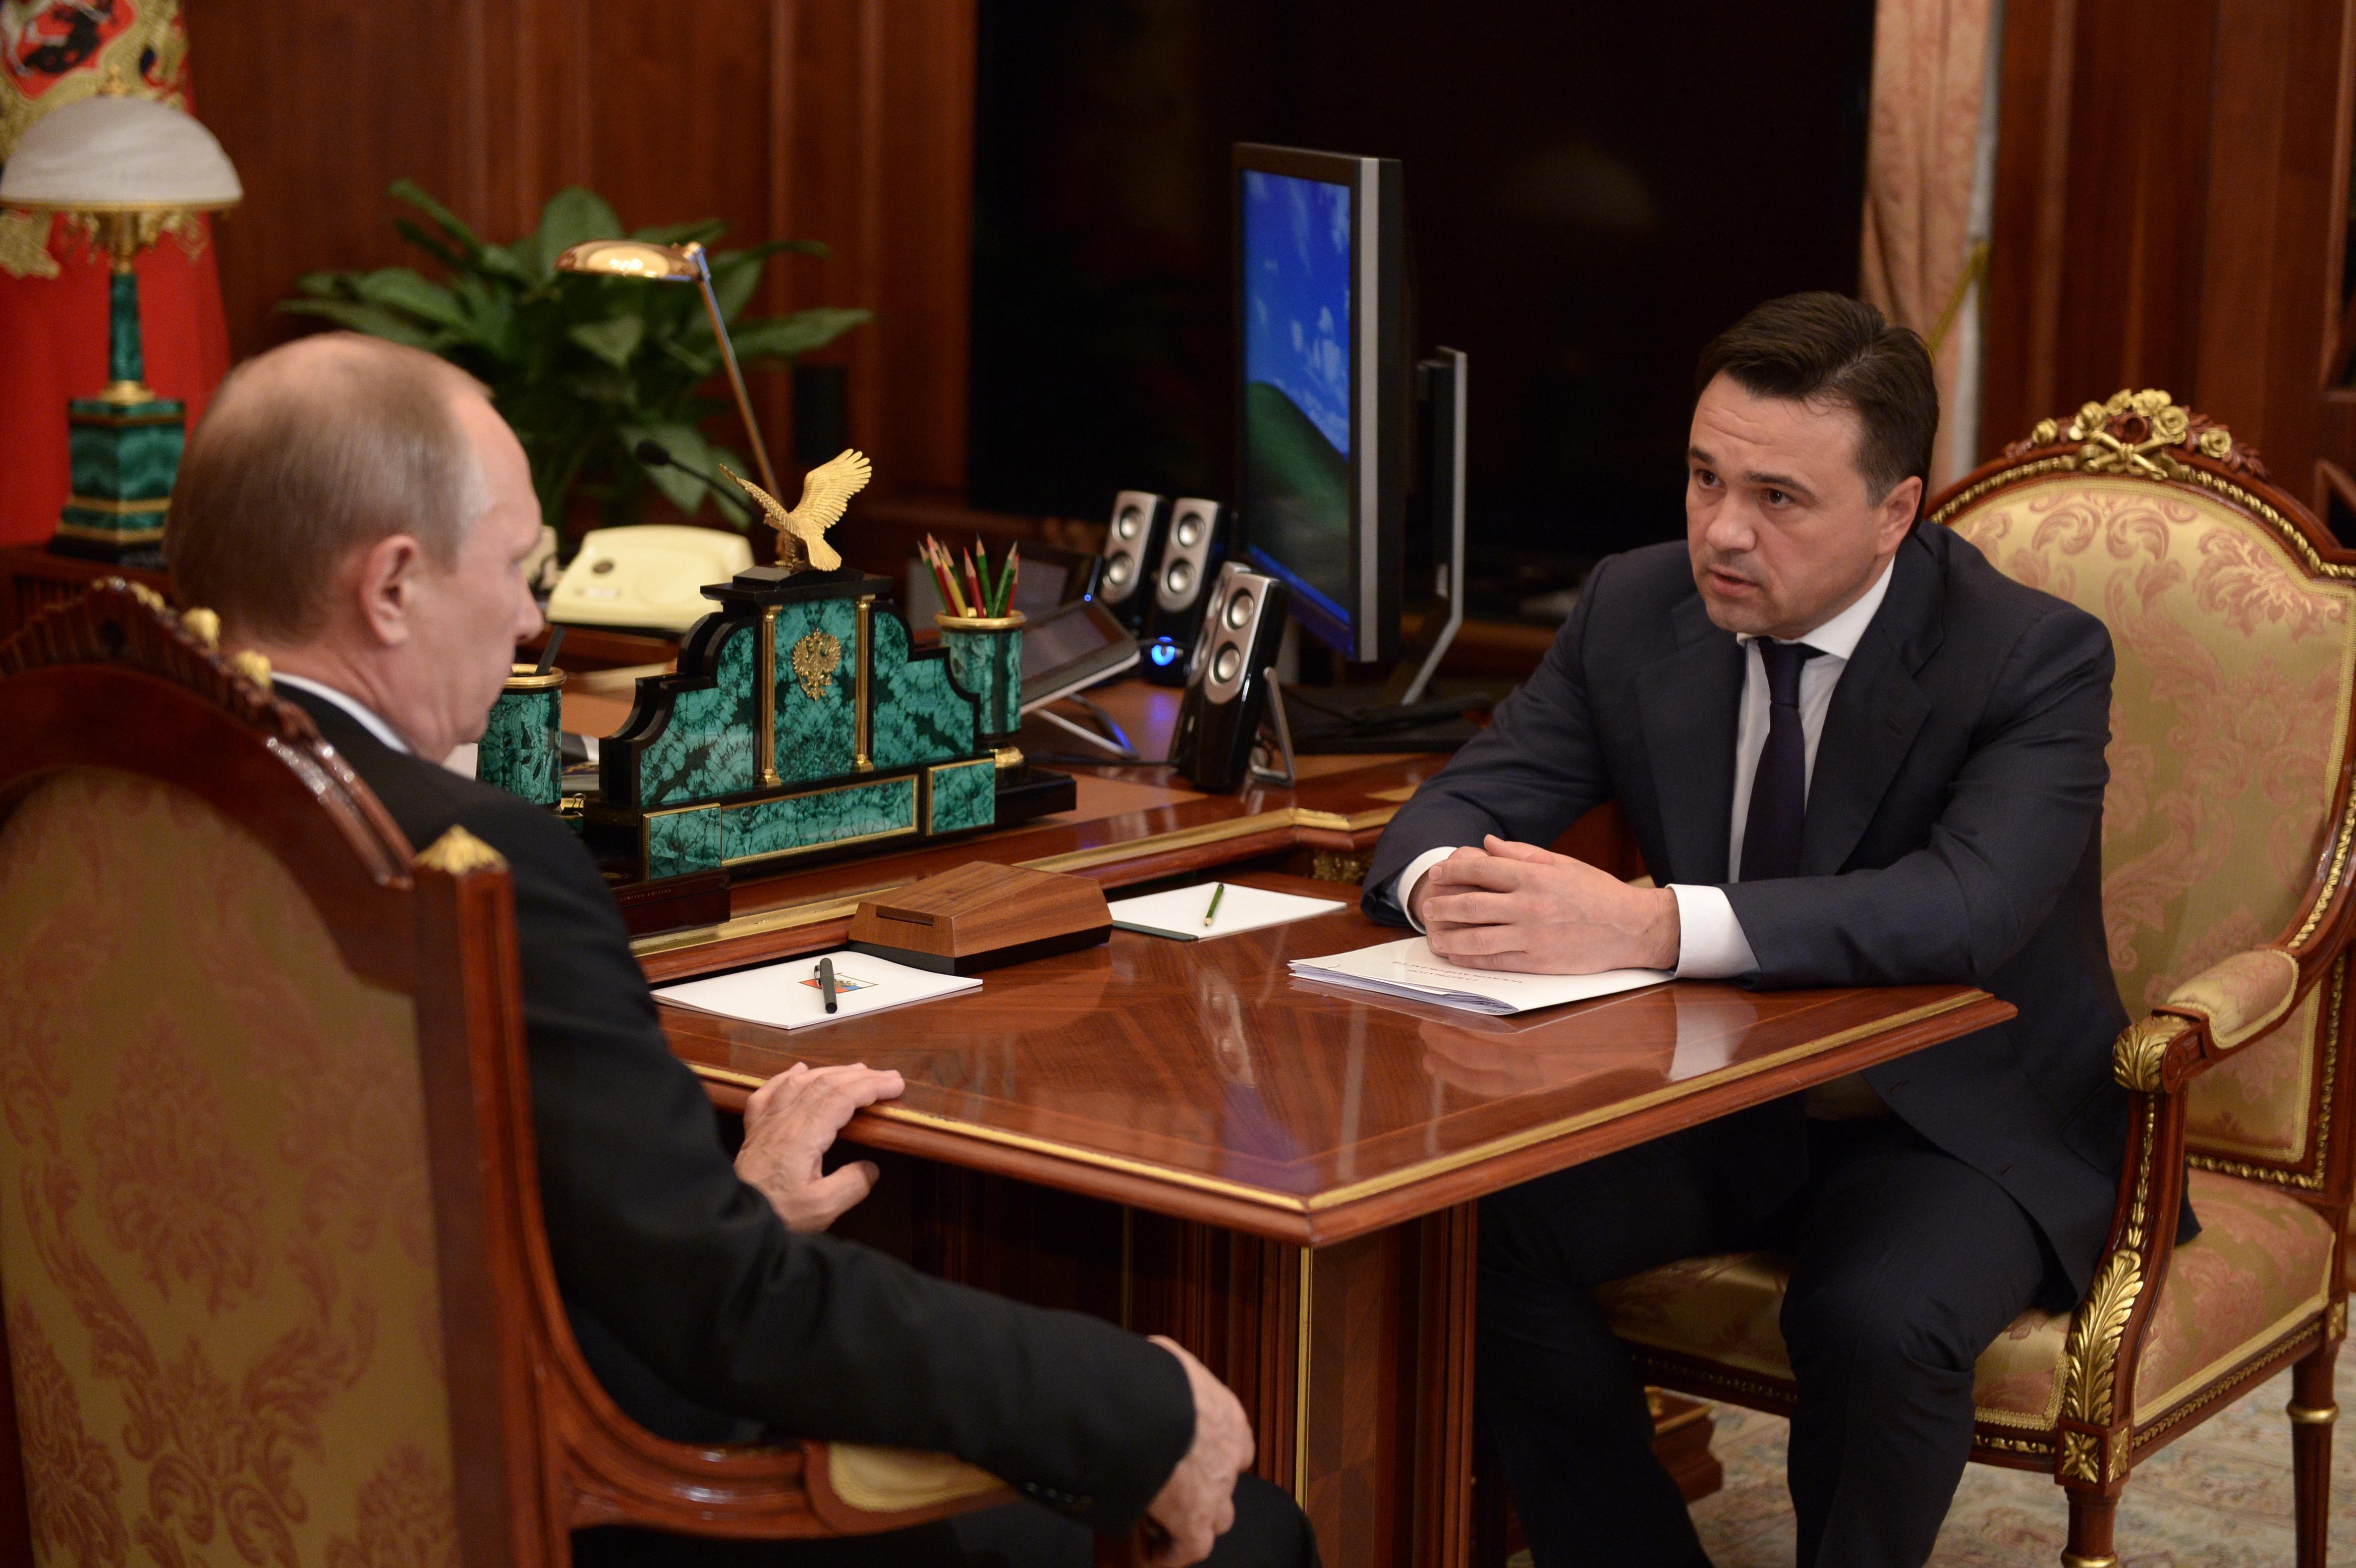 Владимир Путин и губернатор Московской области Андрей Воробьев во время встречи